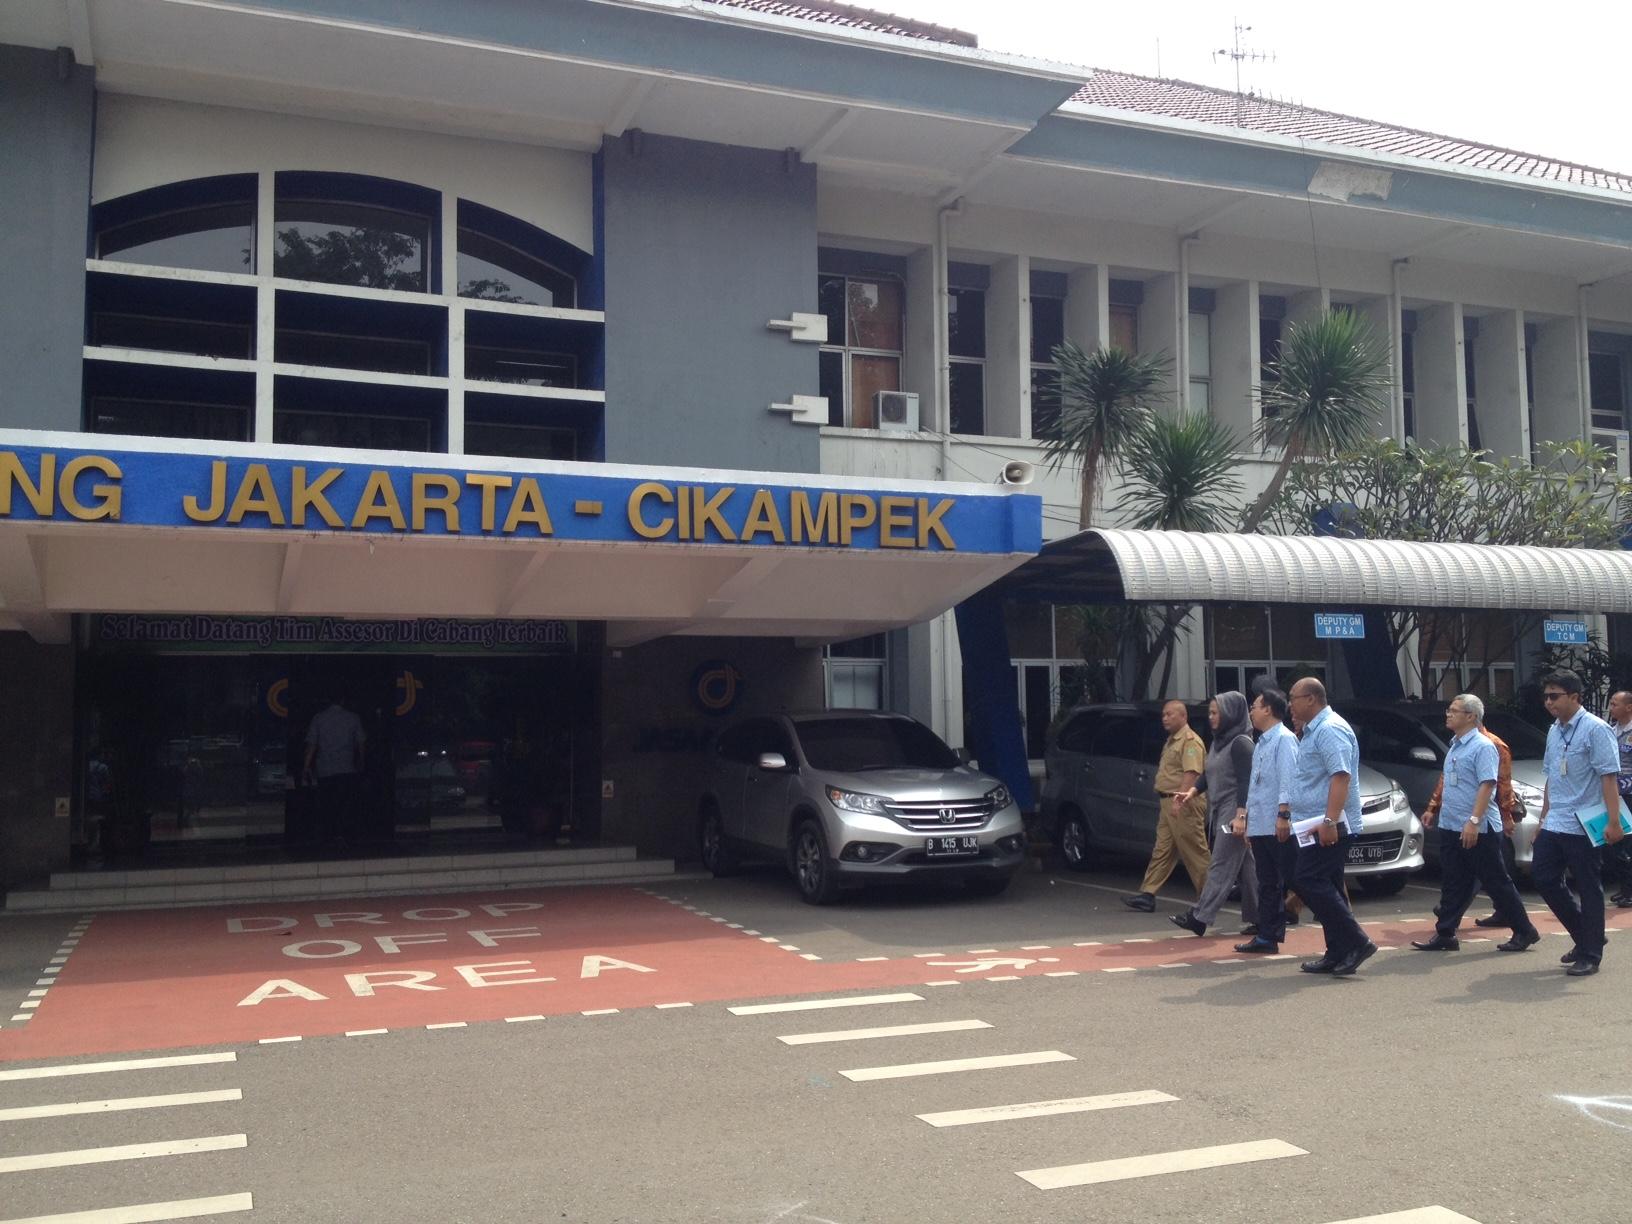 Tanyakan Nasib Exit Tol Cellica Datangi Kantor PT Jasa Marga Jakarta Cikampek Karawang Plus